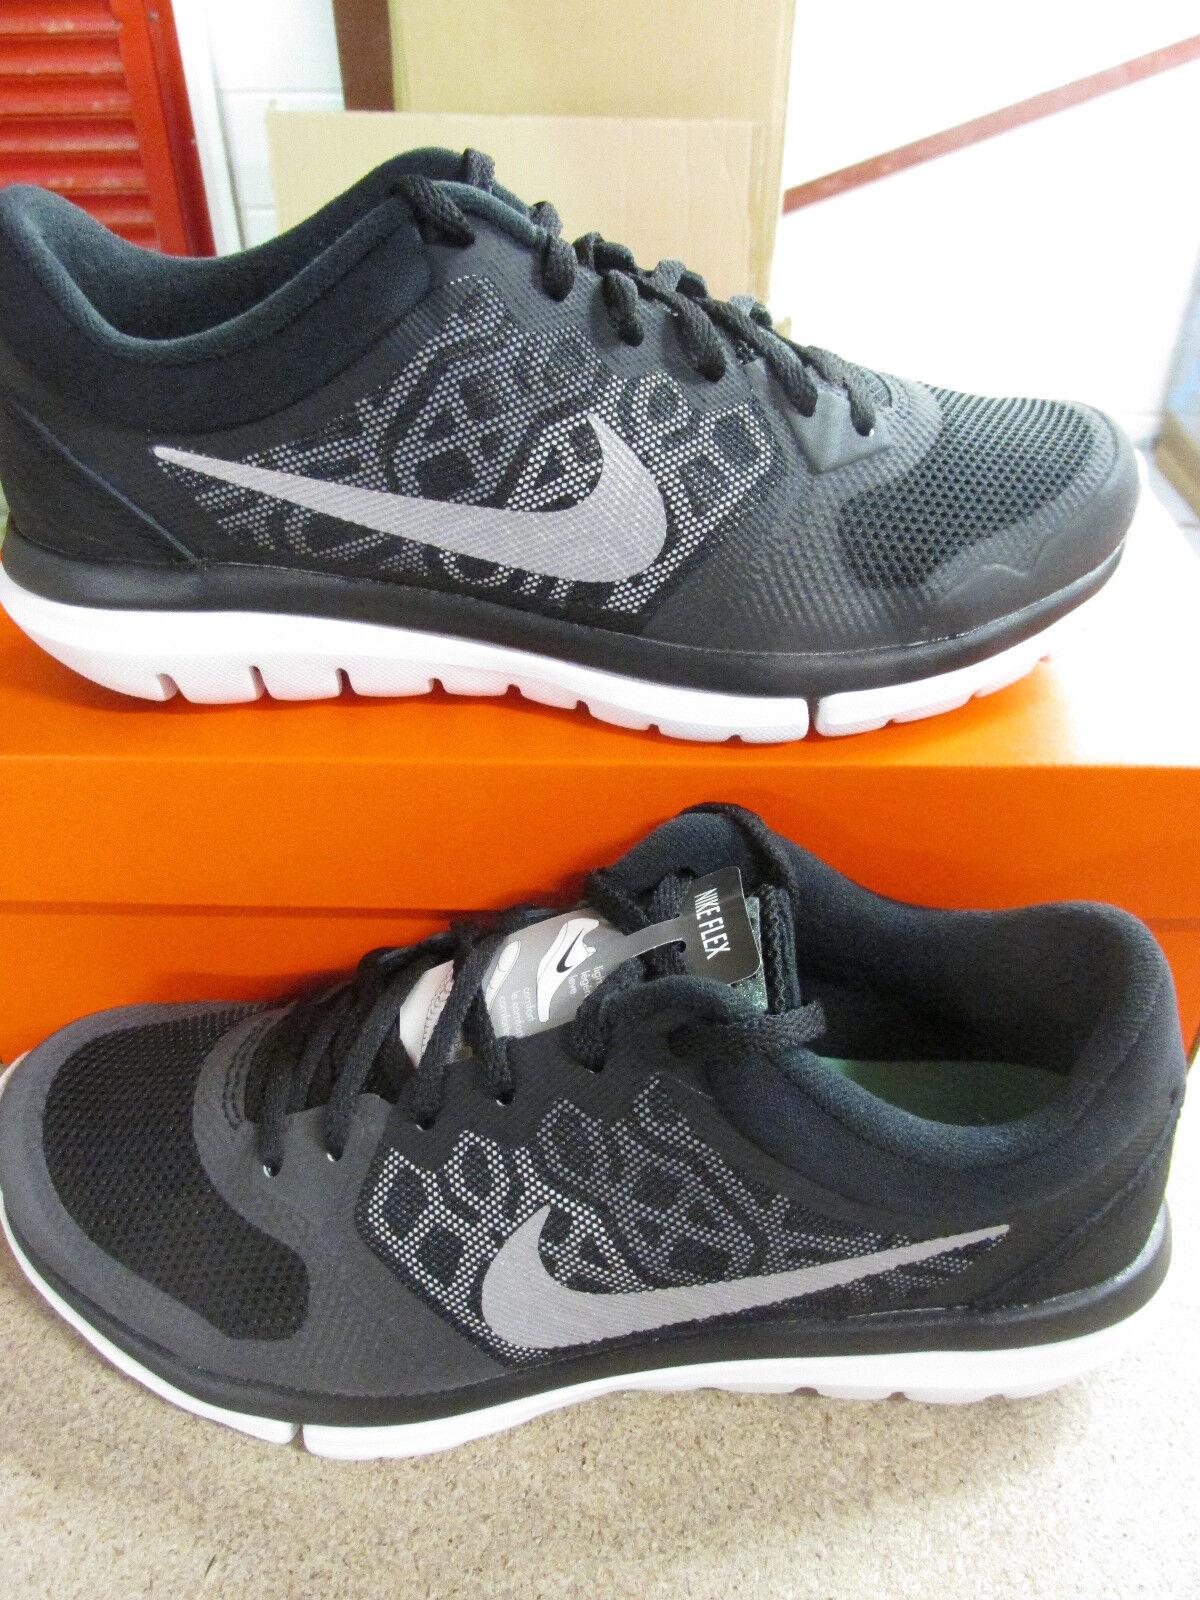 Nike Da Donna Flex 2015 da RN Flash Running Scarpe da 2015 ginnastica 807178 010 Scarpe Da Ginnastica Scarpe f1be70